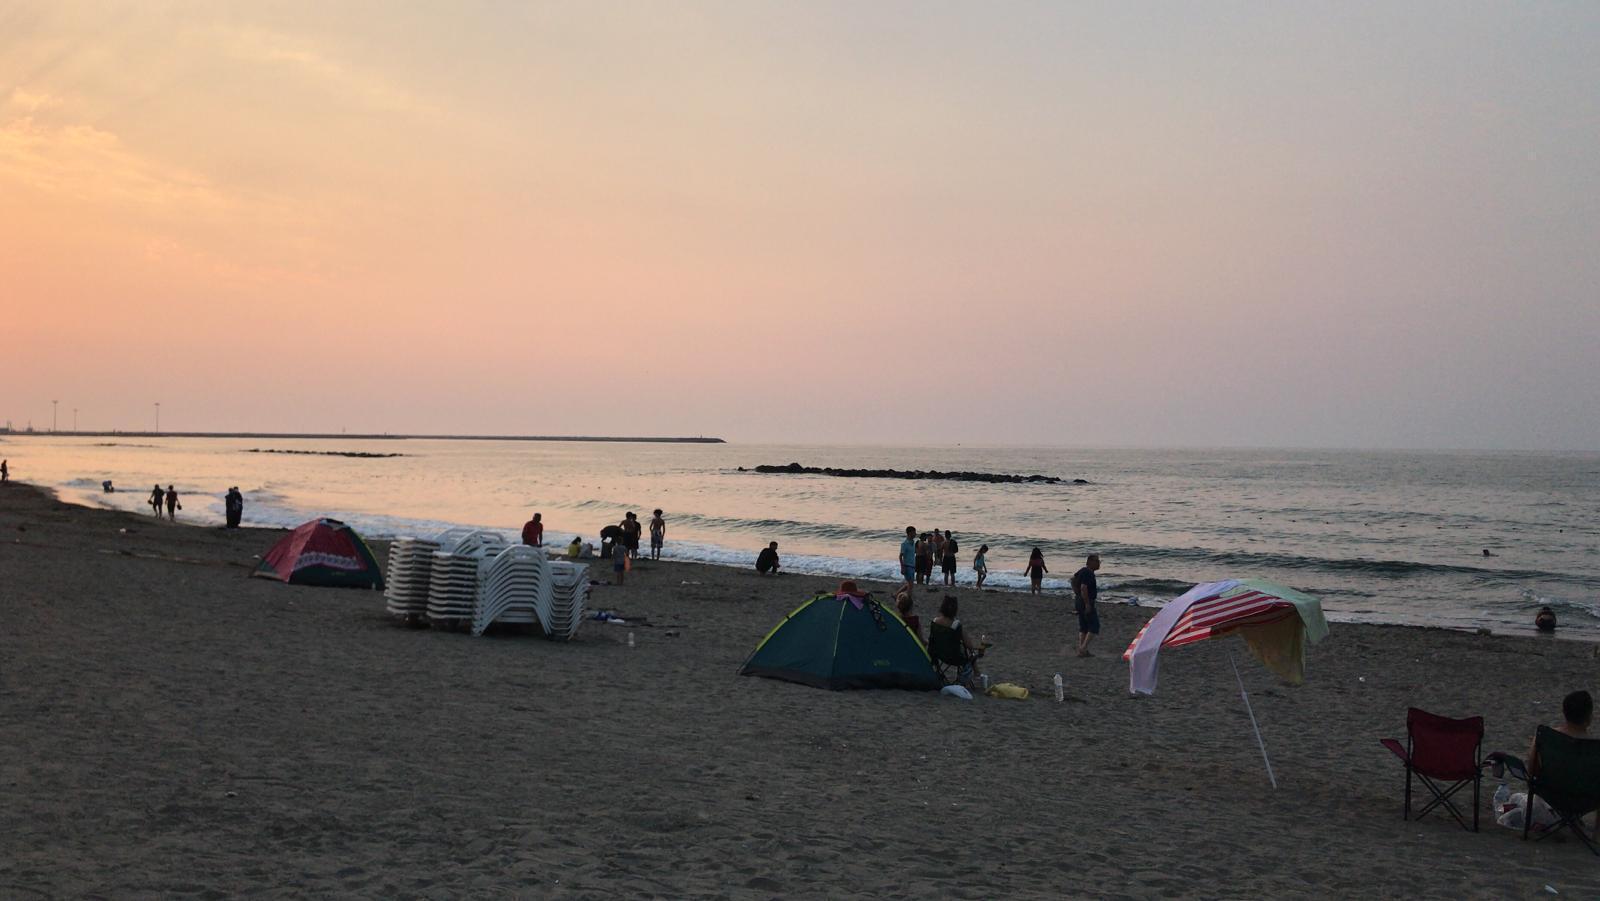 Sakarya'da Denize Girenler Kaşınmaya Başladı: 32 Kişi Tedaviye Alındı